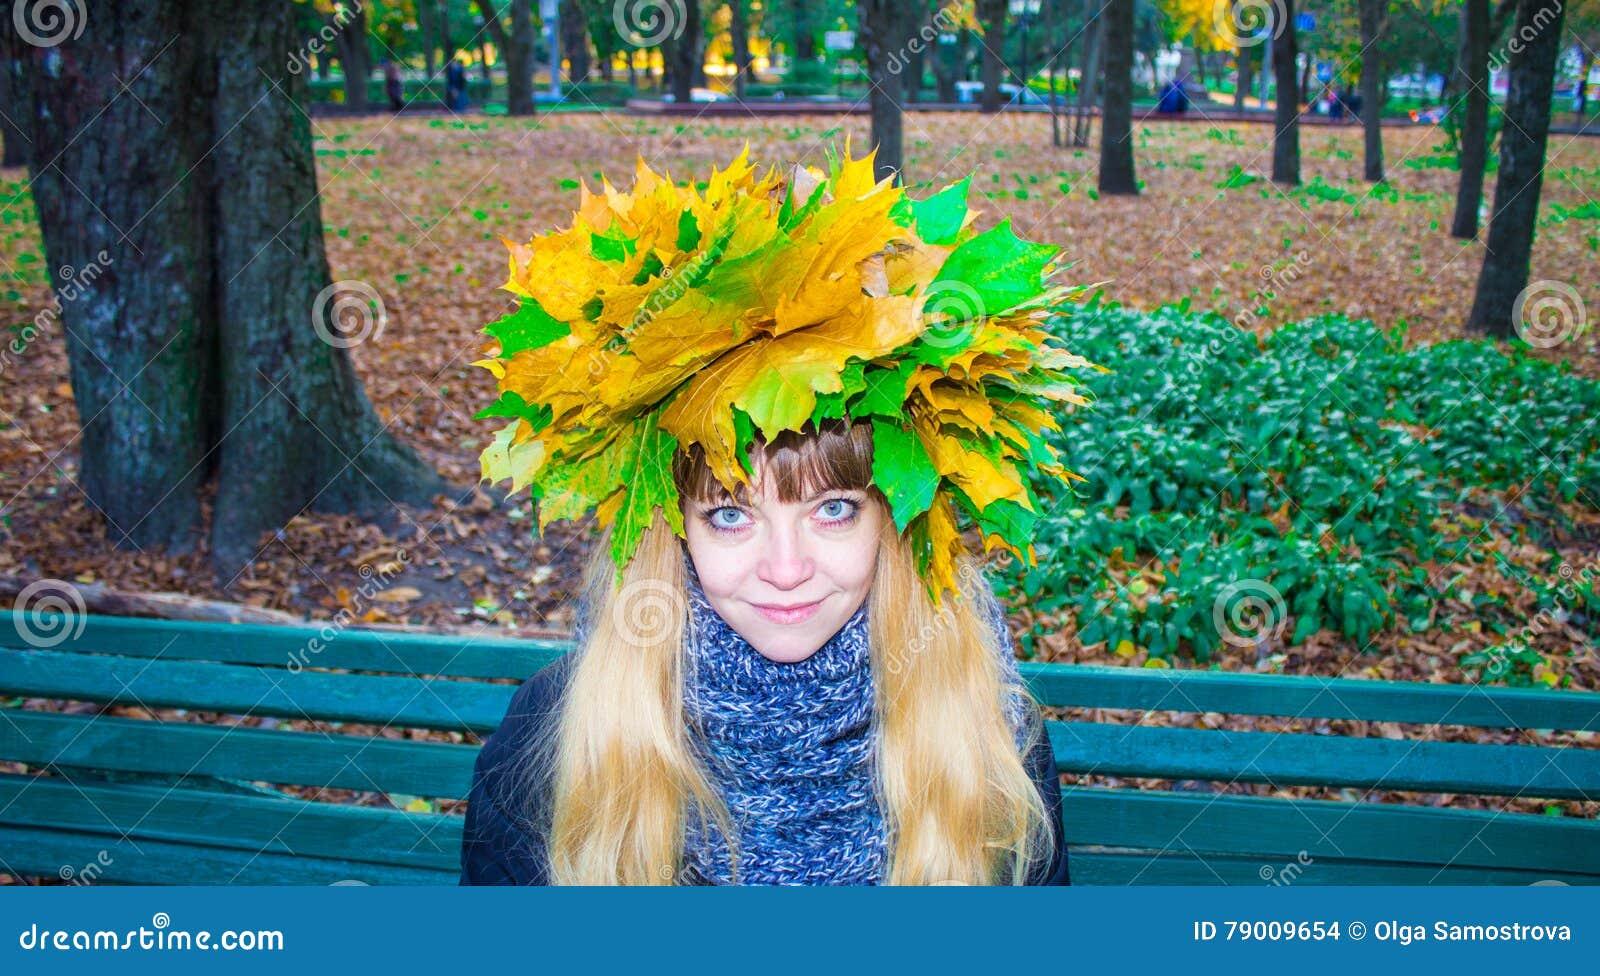 Menina em um parque em Wienke das folhas de outono no parque Close-up